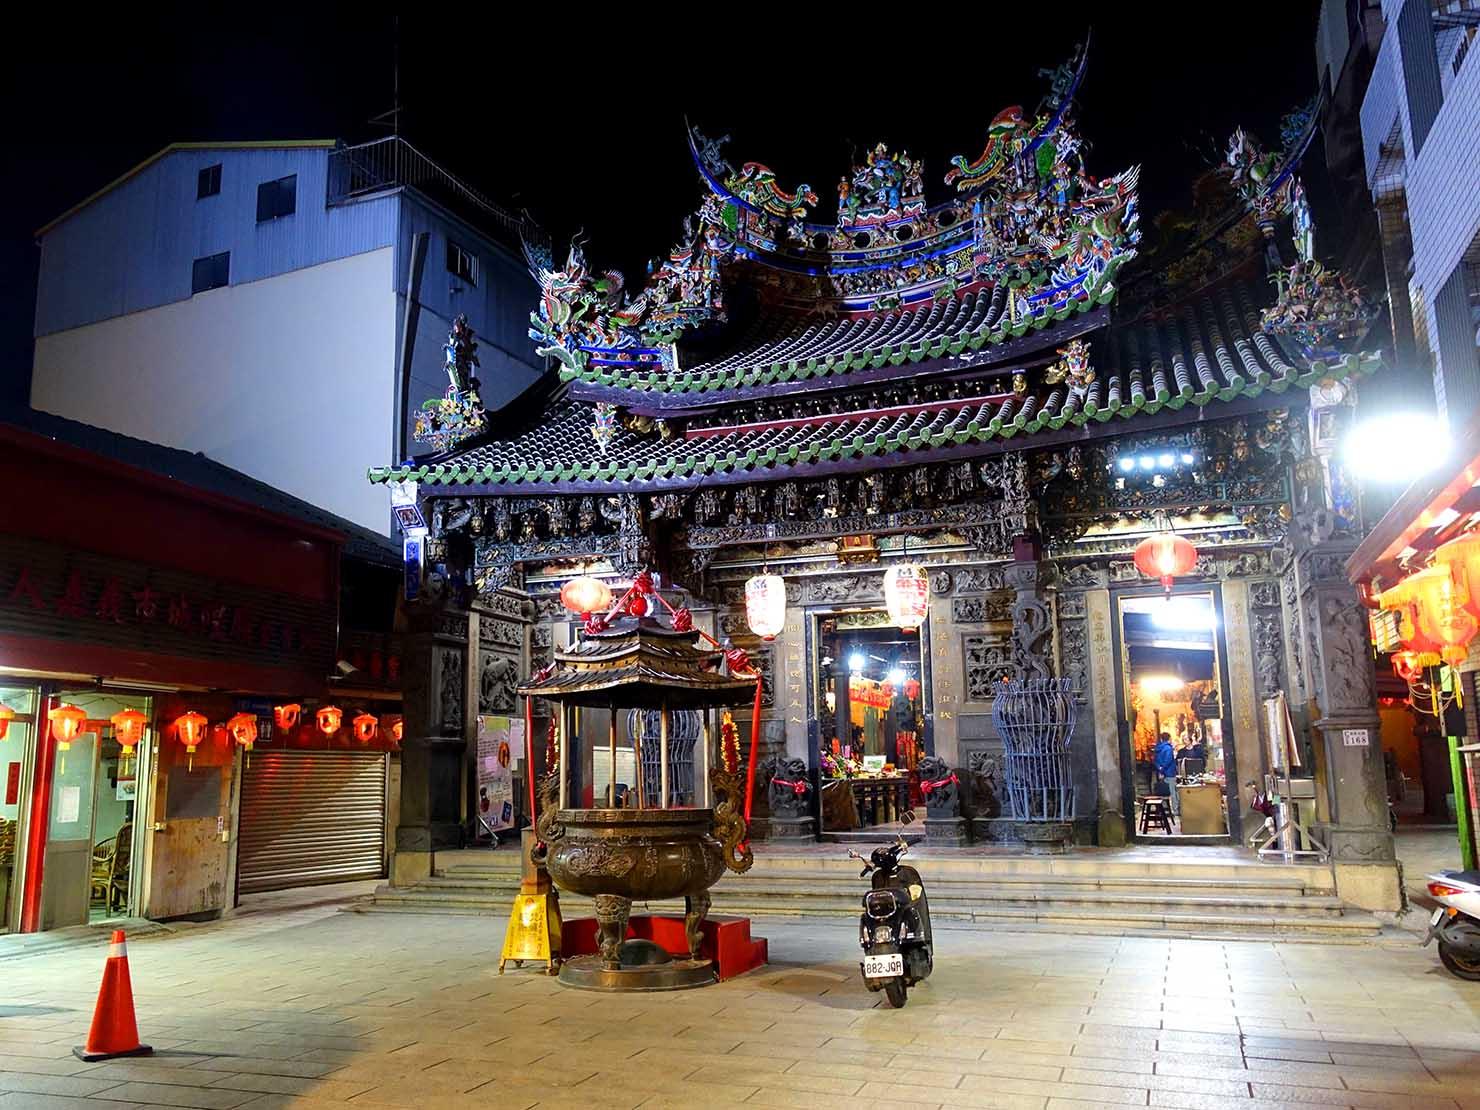 嘉義のおすすめ観光スポット「嘉義城隍廟」の外観